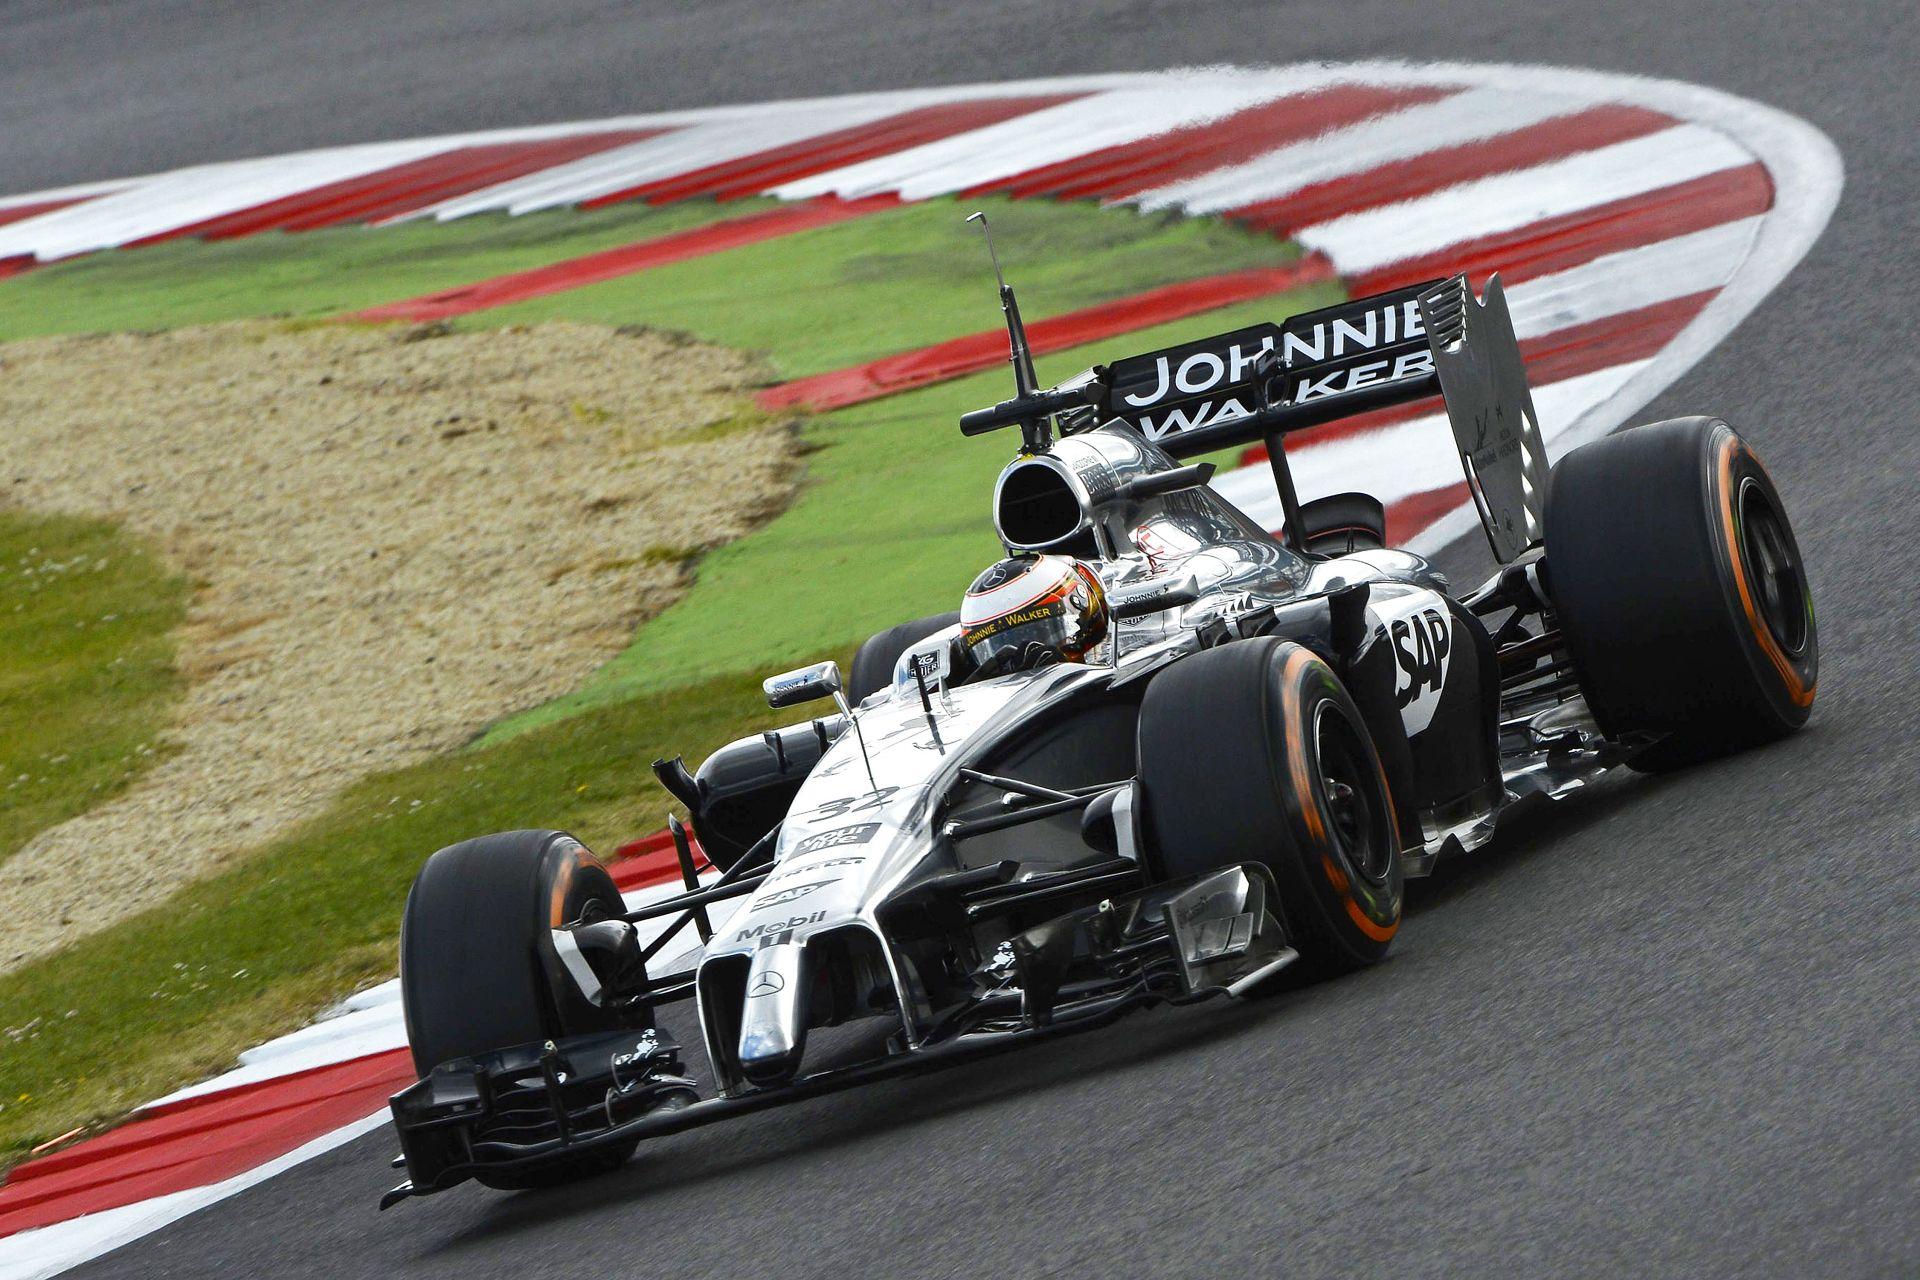 Kezdődik: A McLaren nemet mondott a FRIC rendszerre a Német Nagydíjon